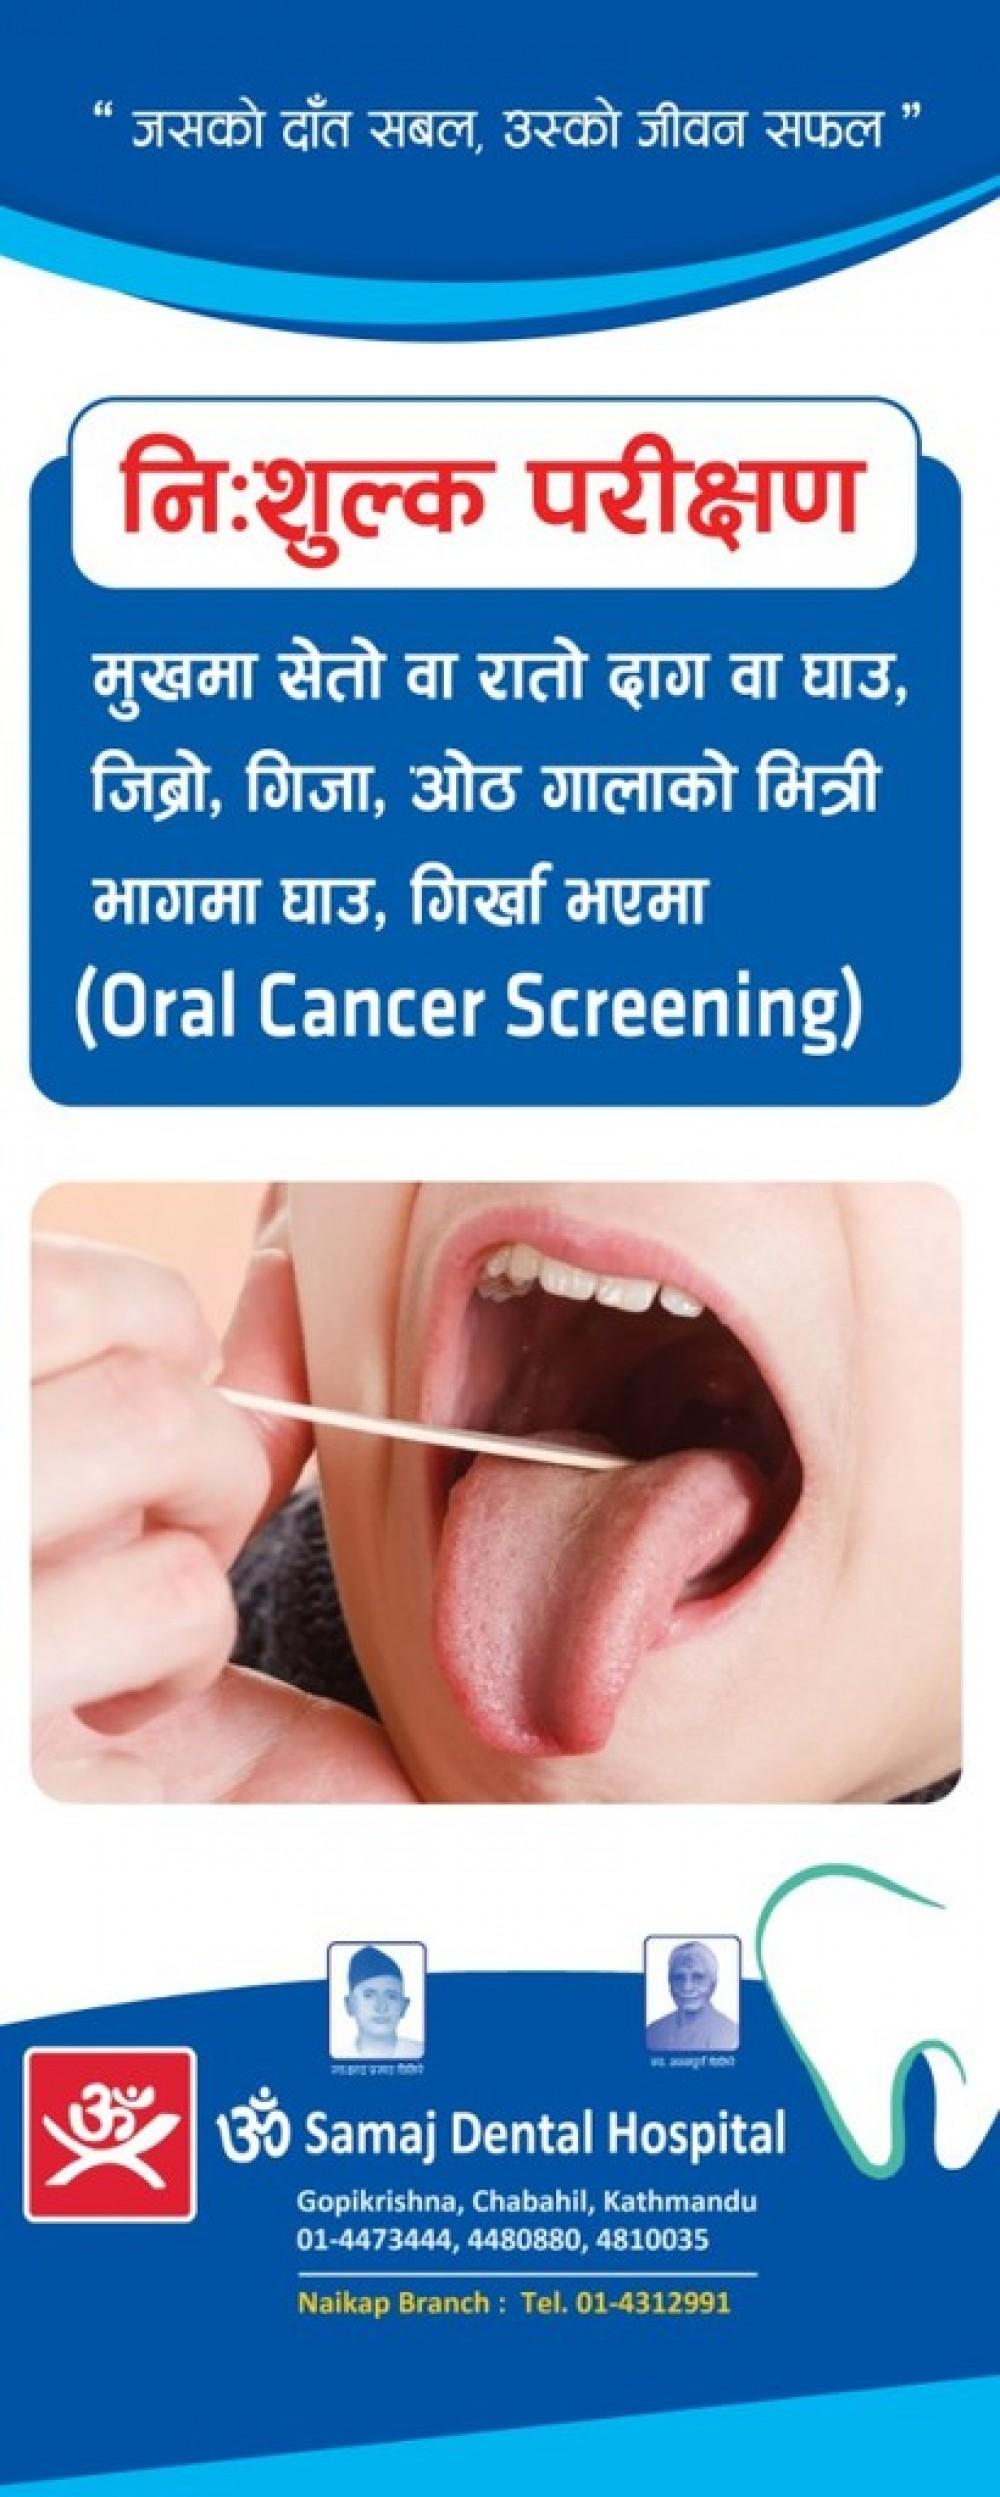 Om Samaj Dental Hospital